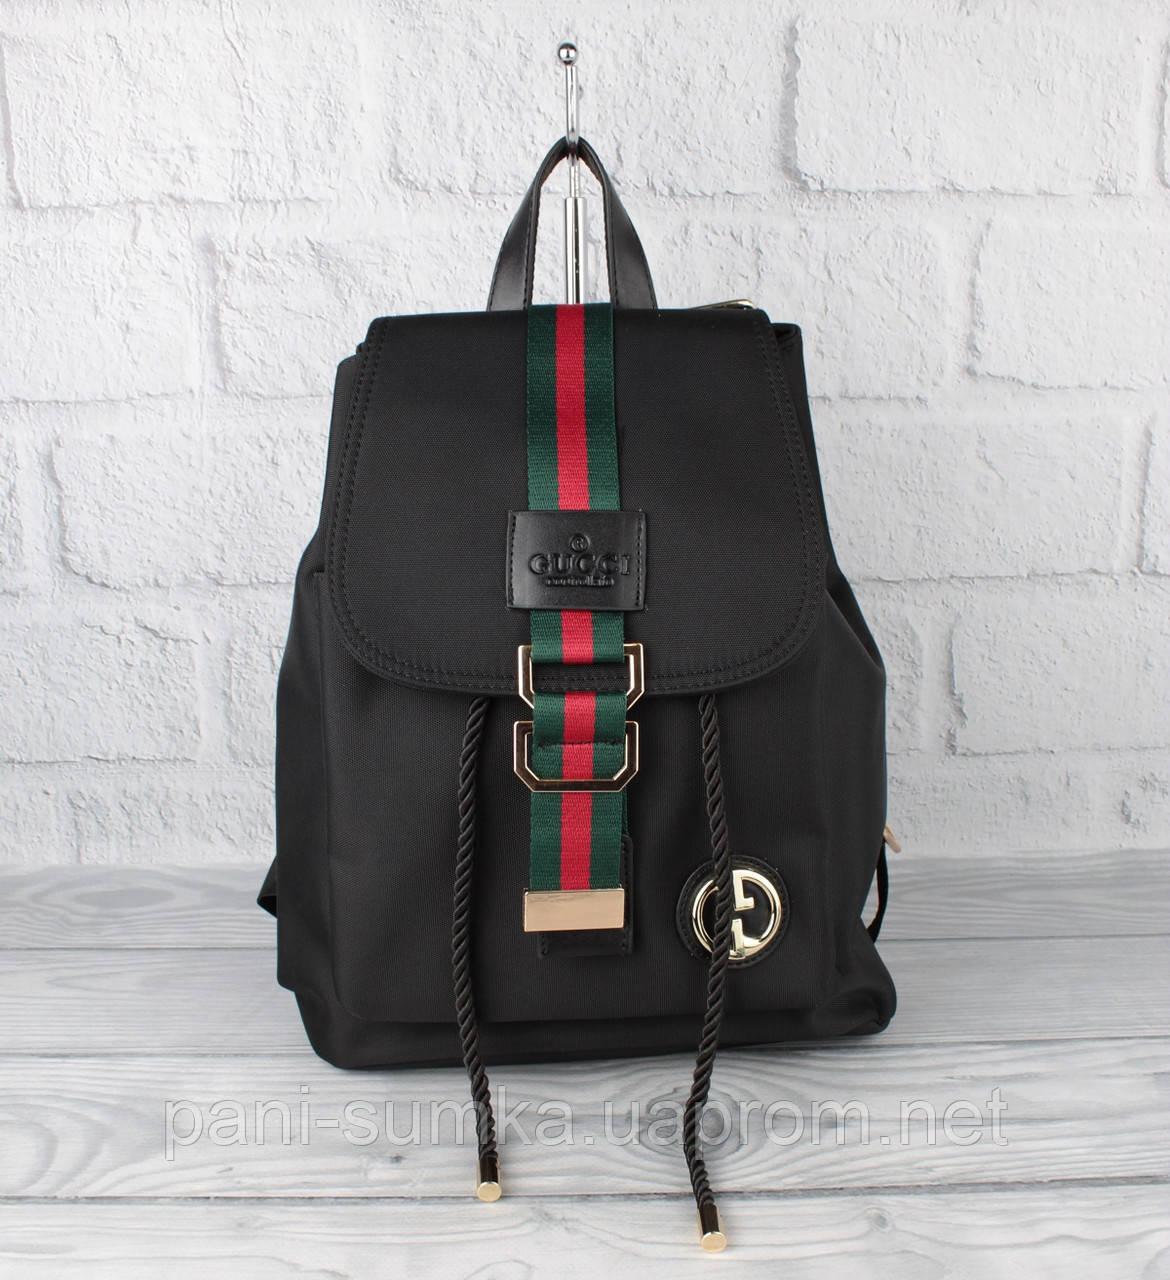 Стильный городской рюкзак Gucci 9808 черный